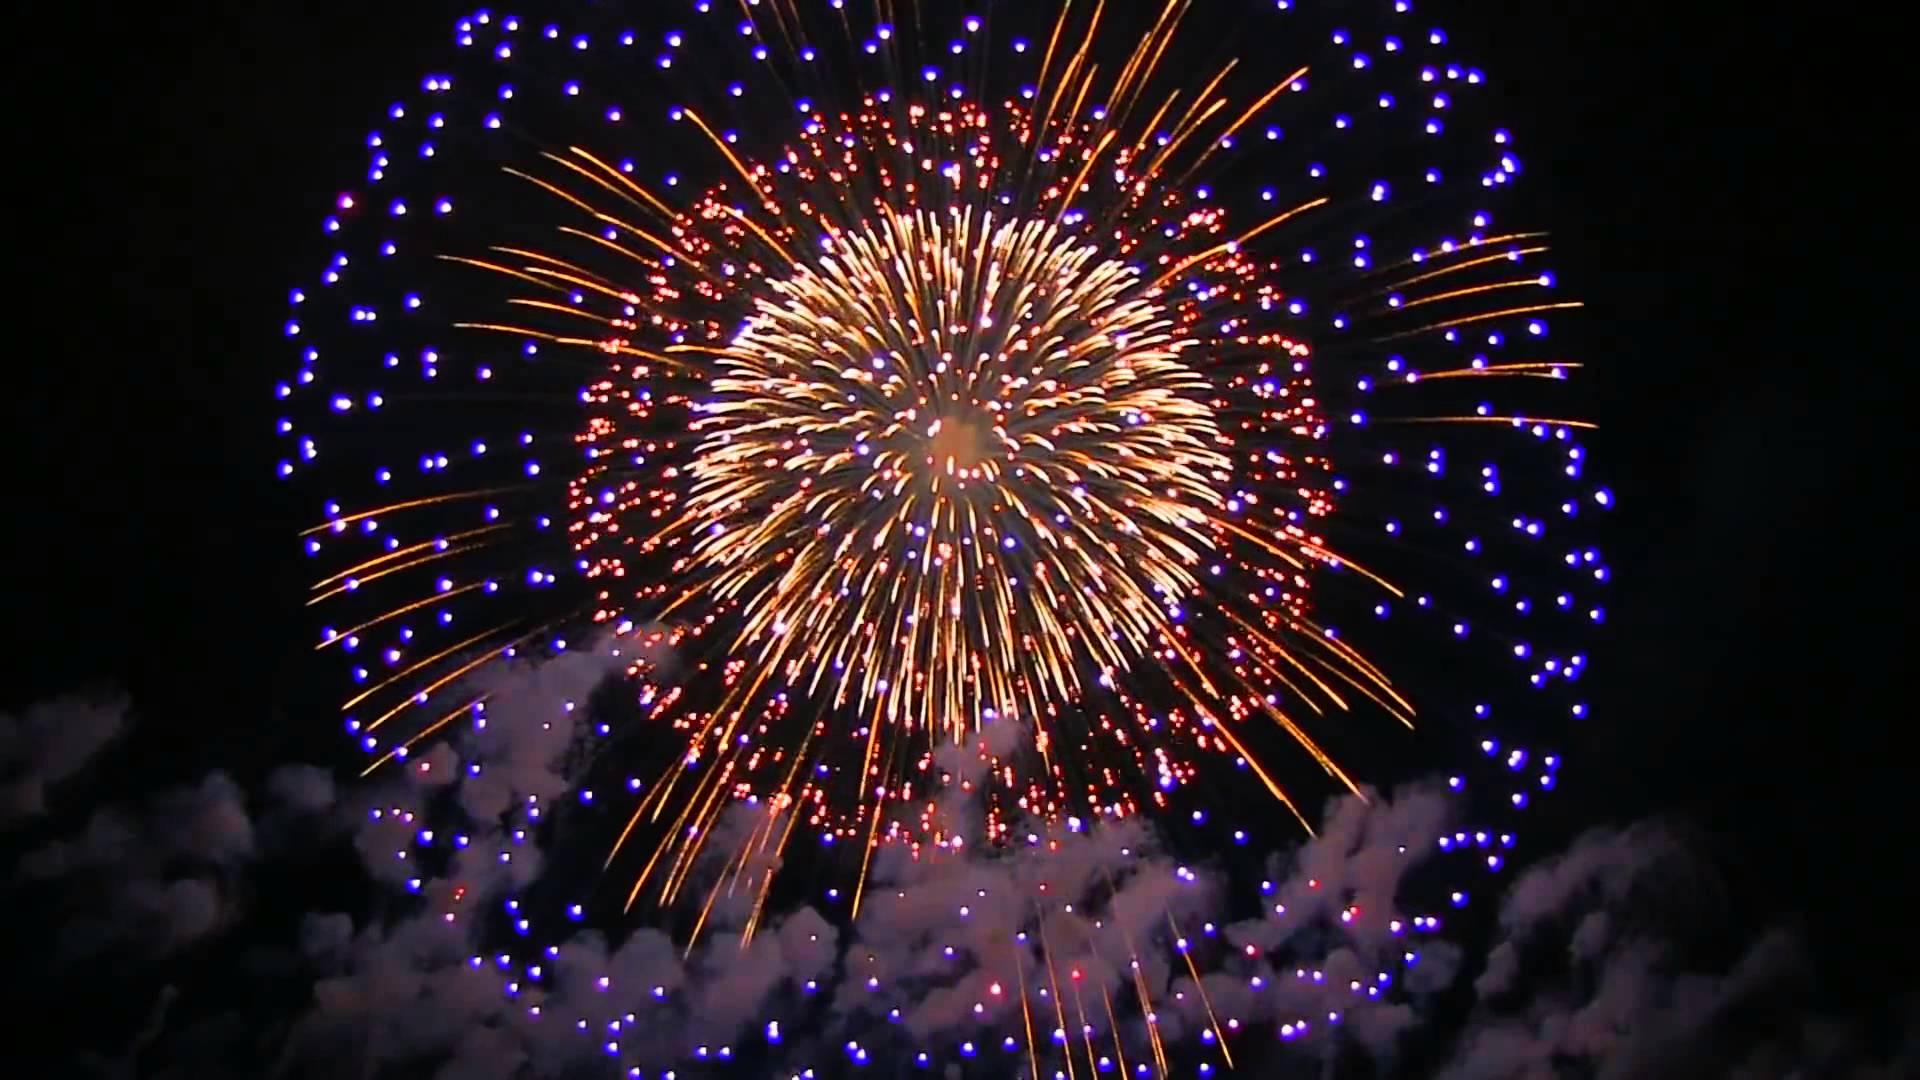 Huge fireworks photo